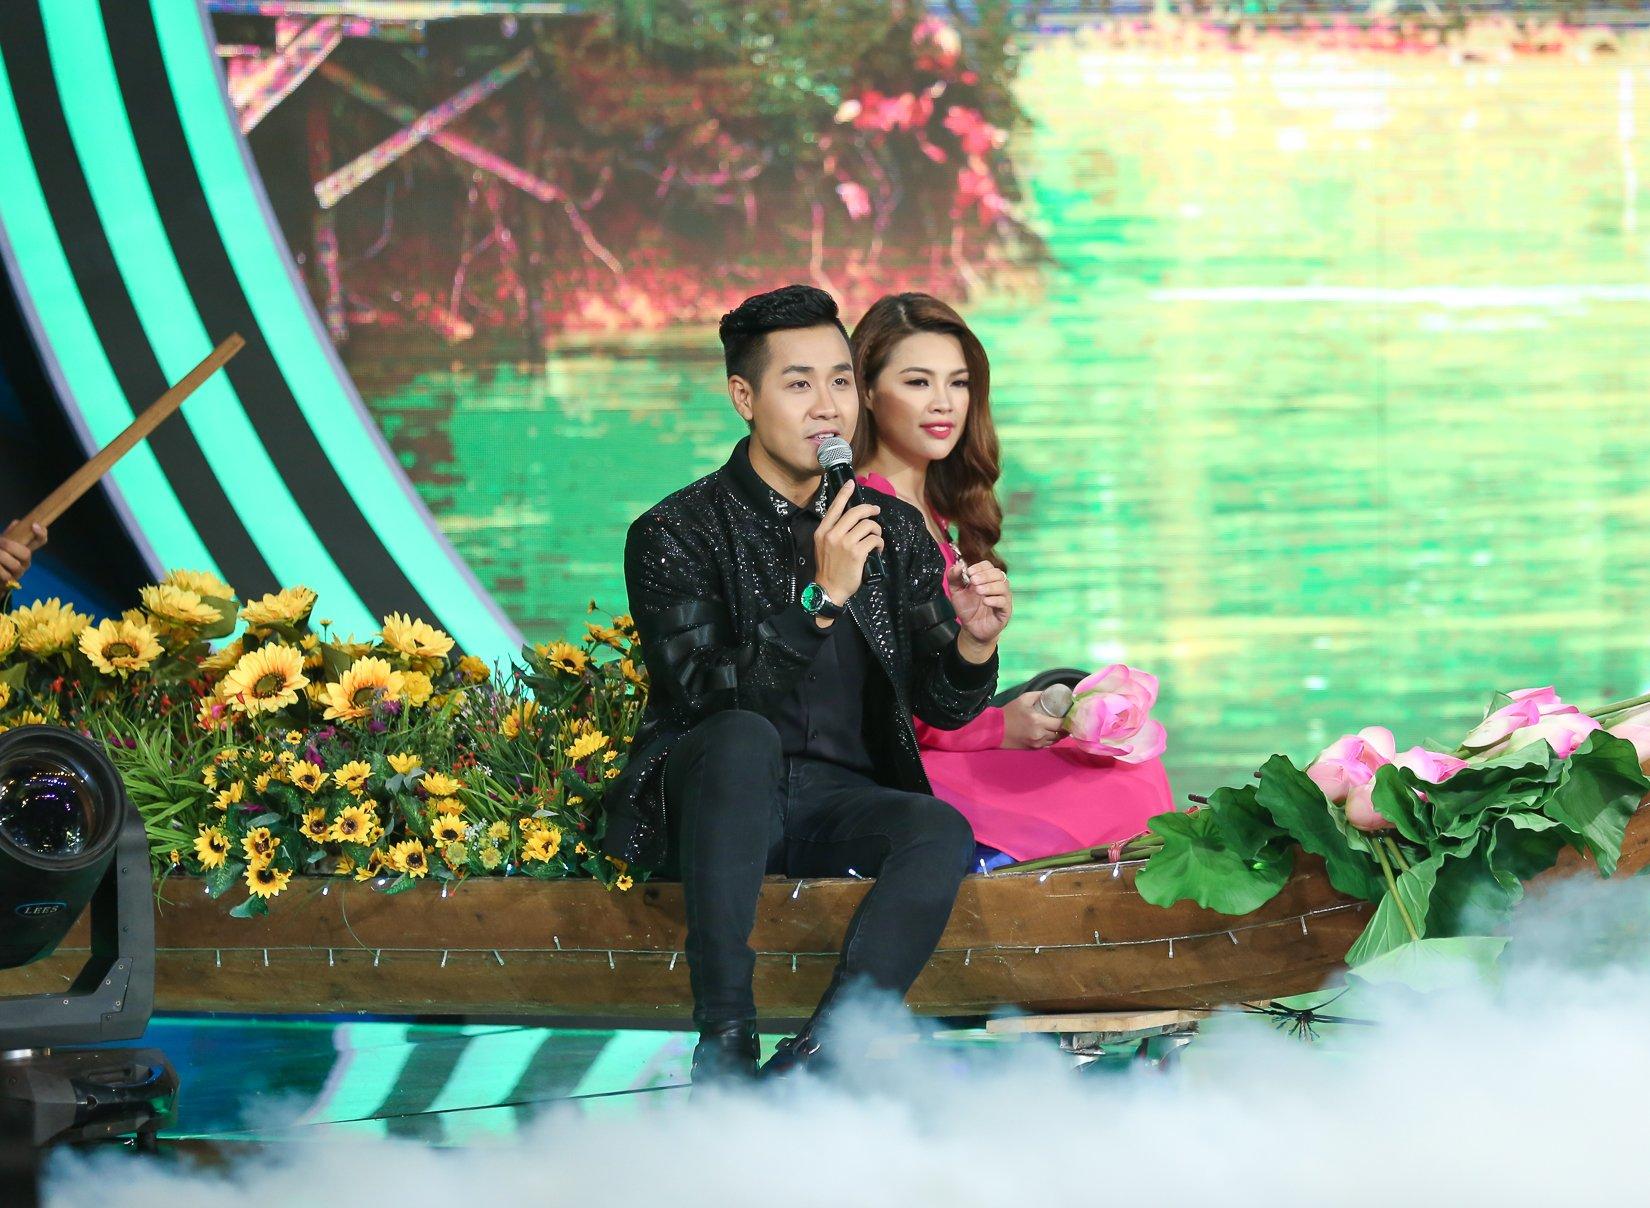 MC Nguyên Khang điển trai như soái ca trên sân khấu Người hát tình ca 4